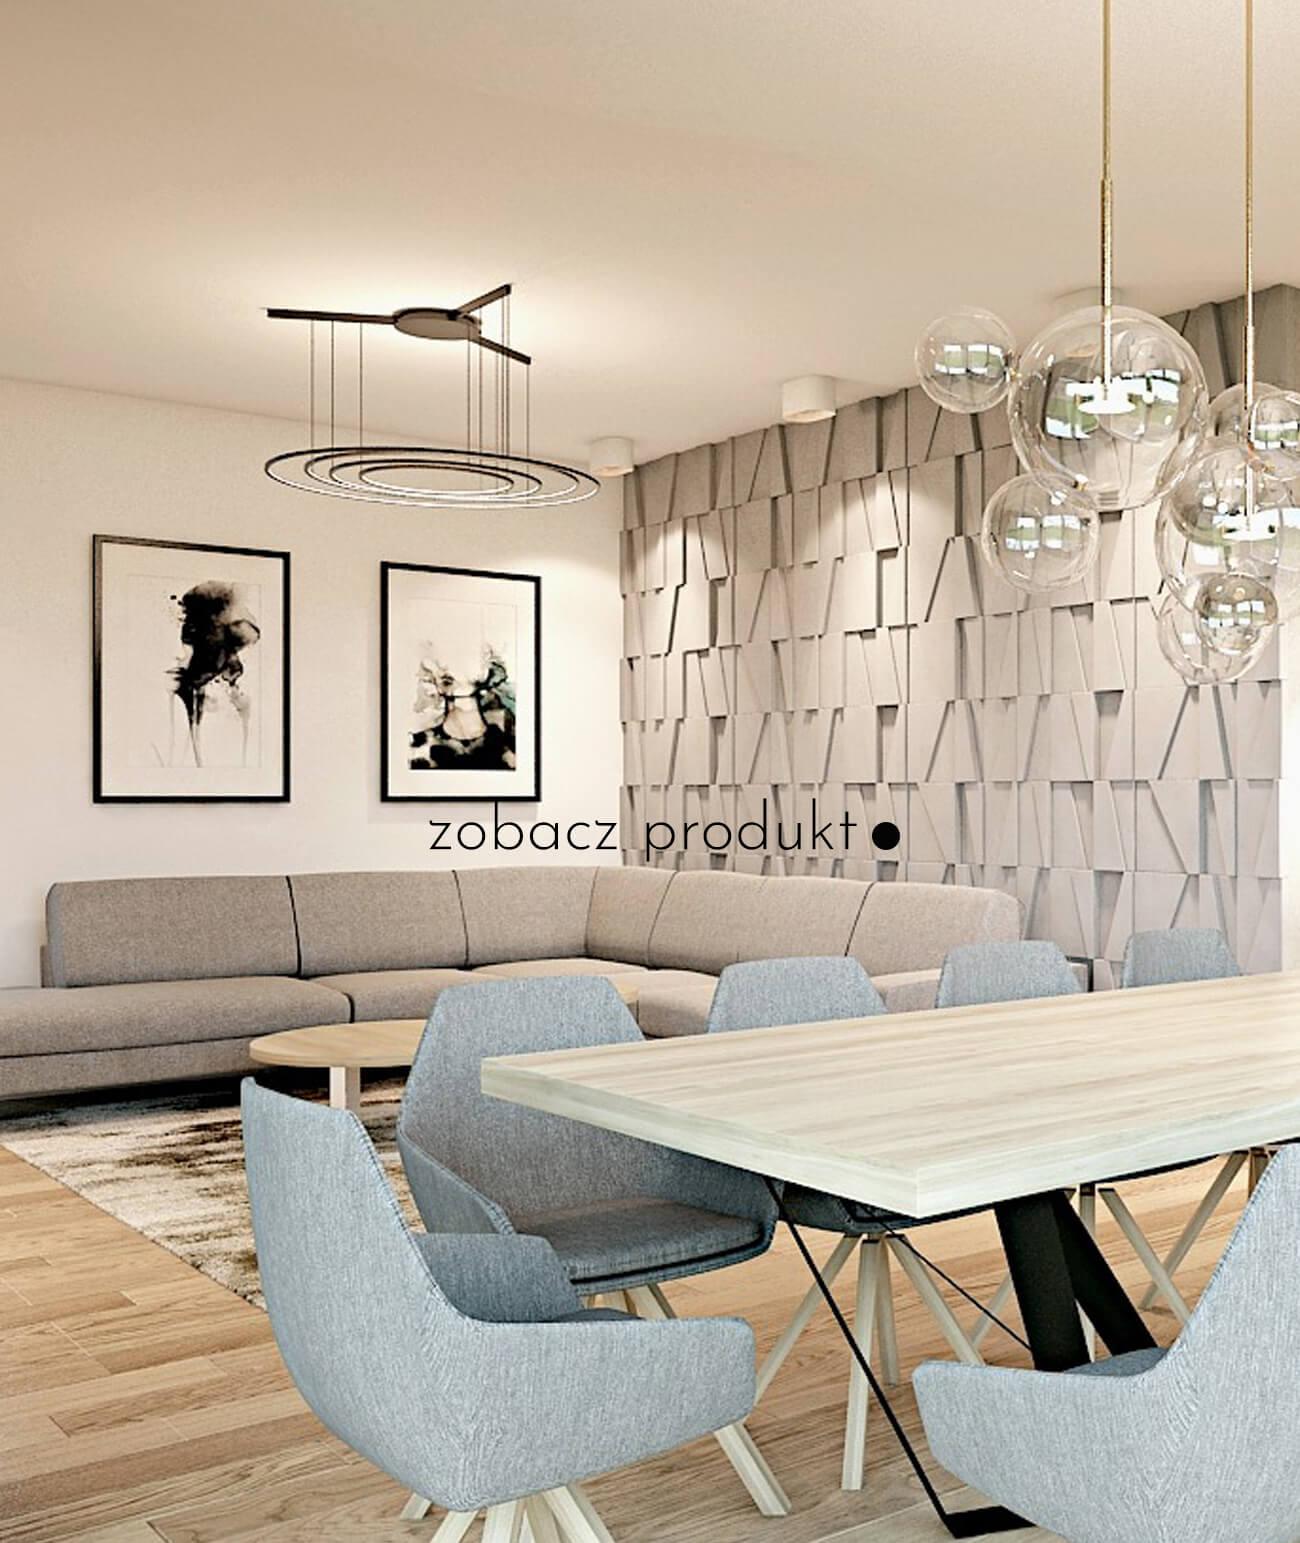 panele-betonowe-3d-scienne-i-elewacyjne-beton-architektoniczny_366-1979-pb09-s95-jasno-szary-golabkowy-mozaika---panel-dekor-3d-beton-architektoniczny-panel-scienny